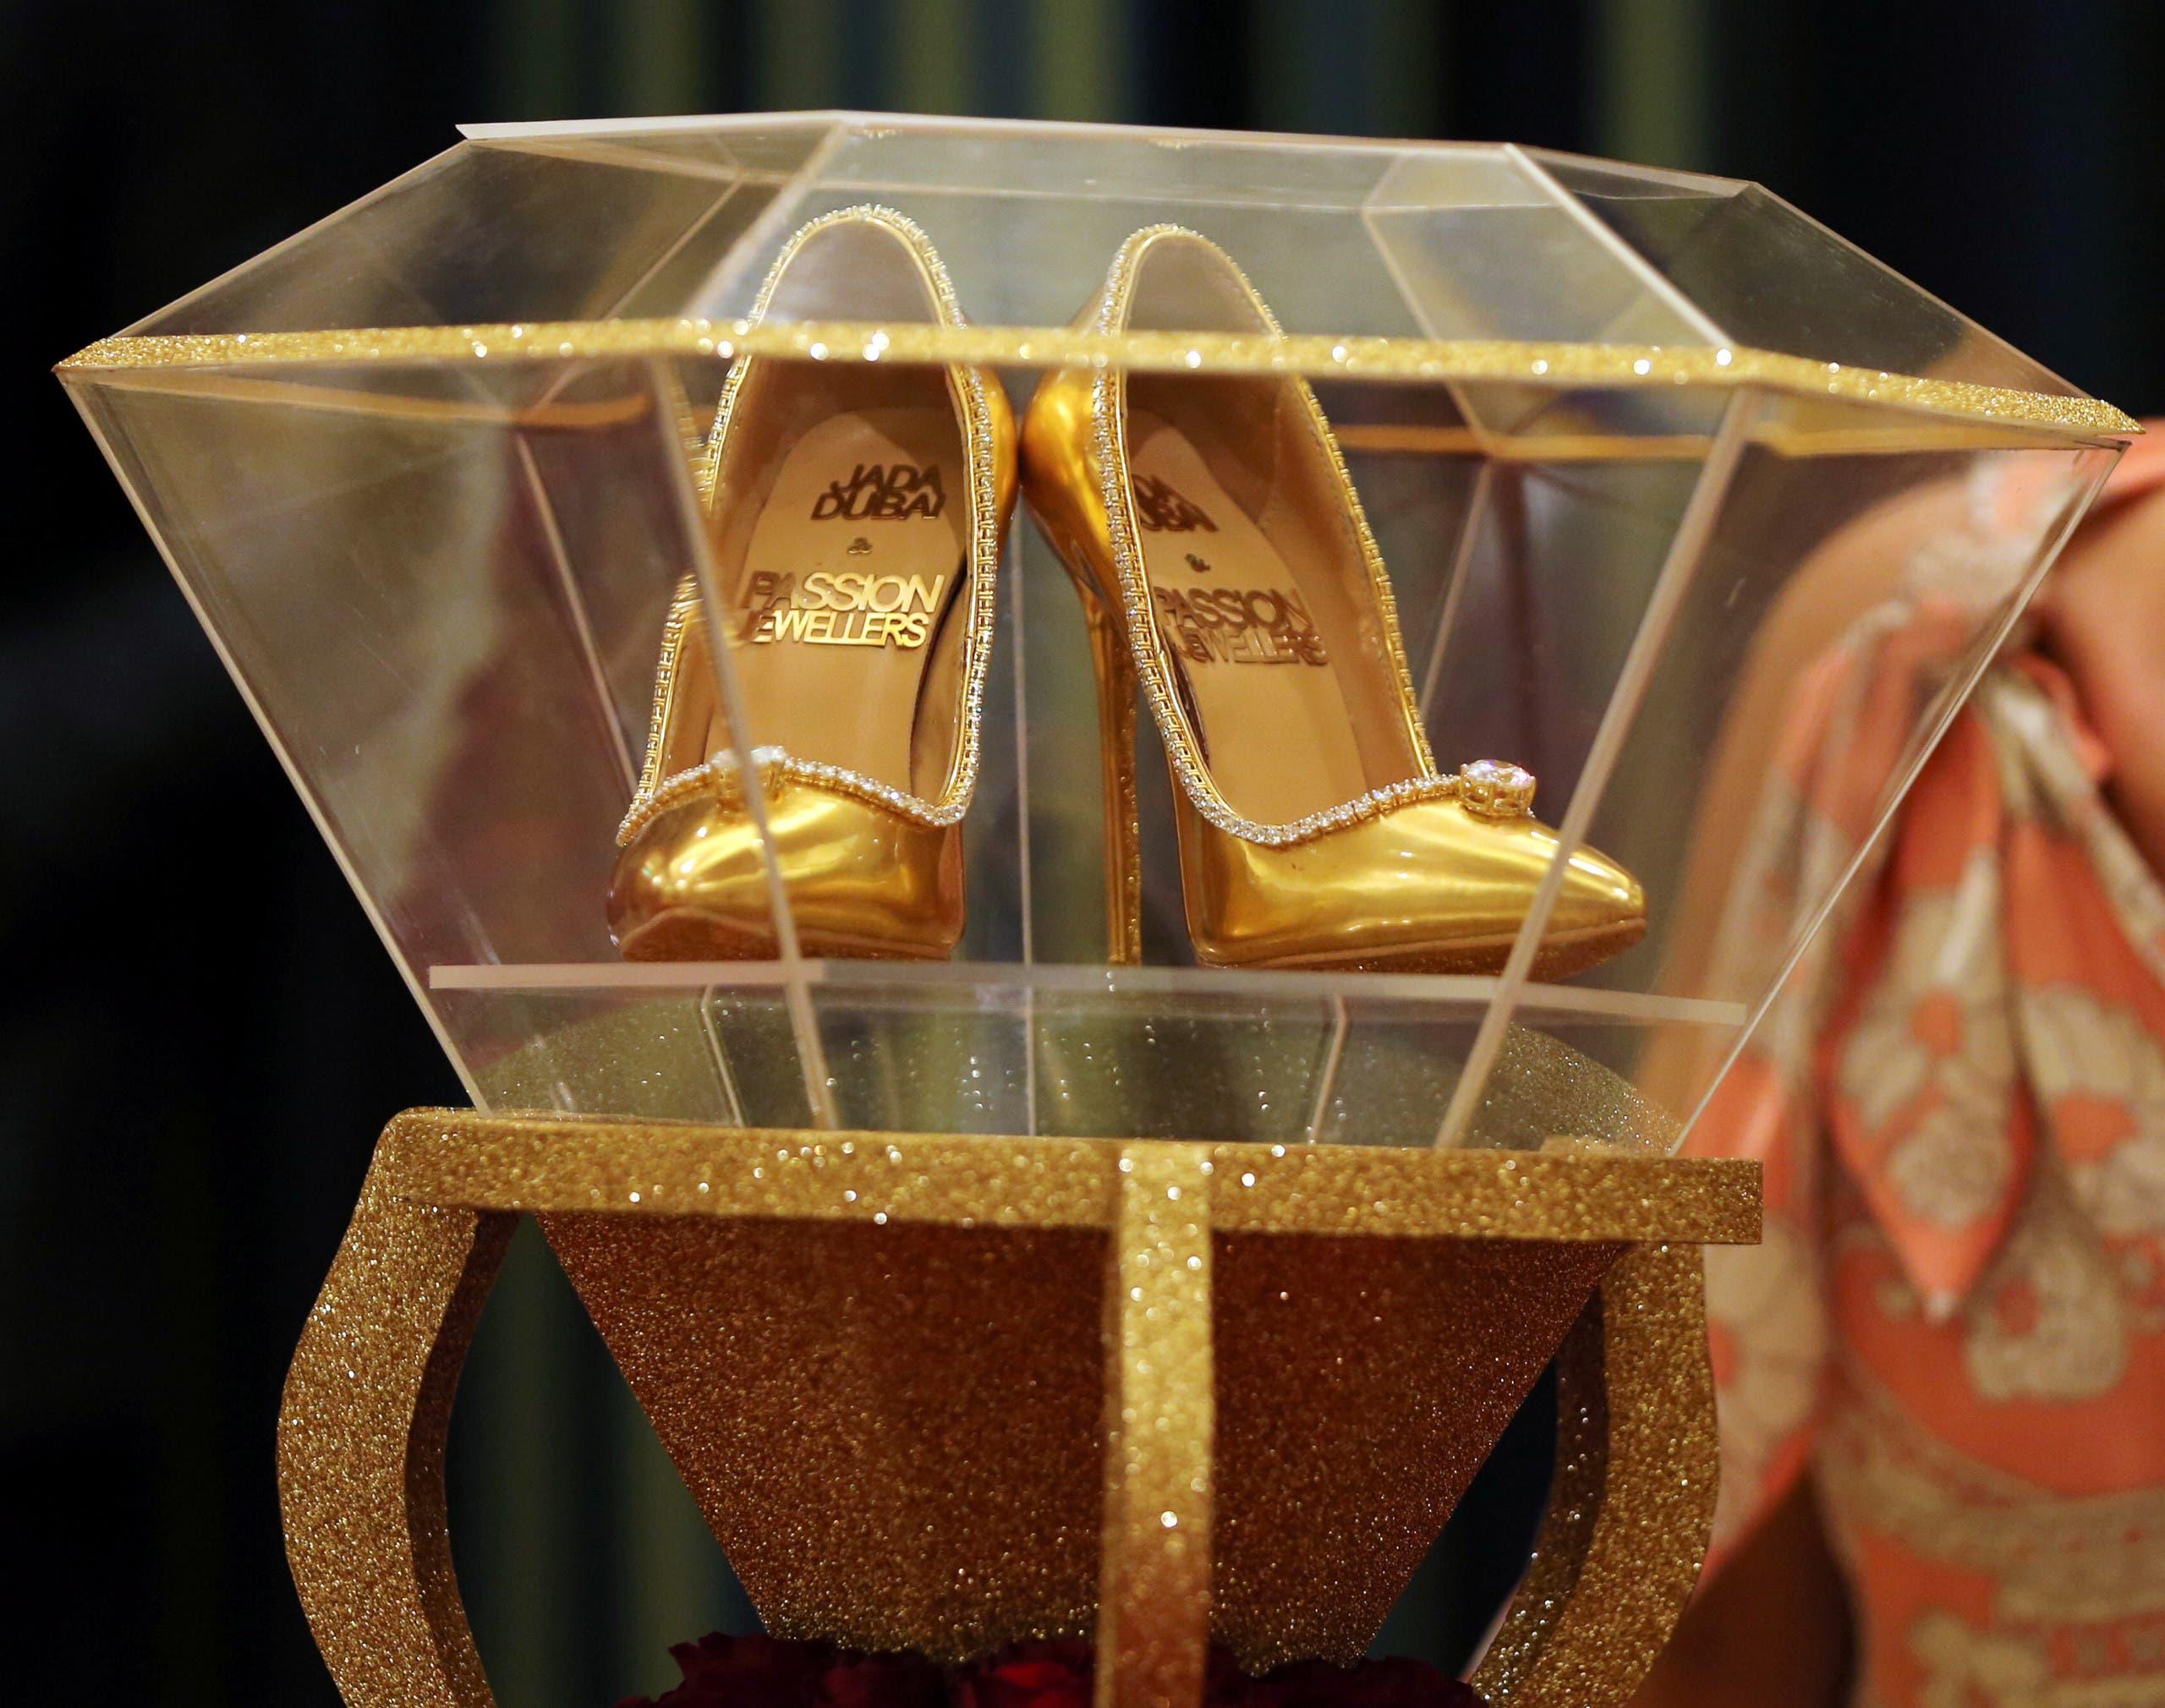 %name أغلى حذاء في العالم ،ثمنه  17 مليون دولار ، فمن يشتري؟